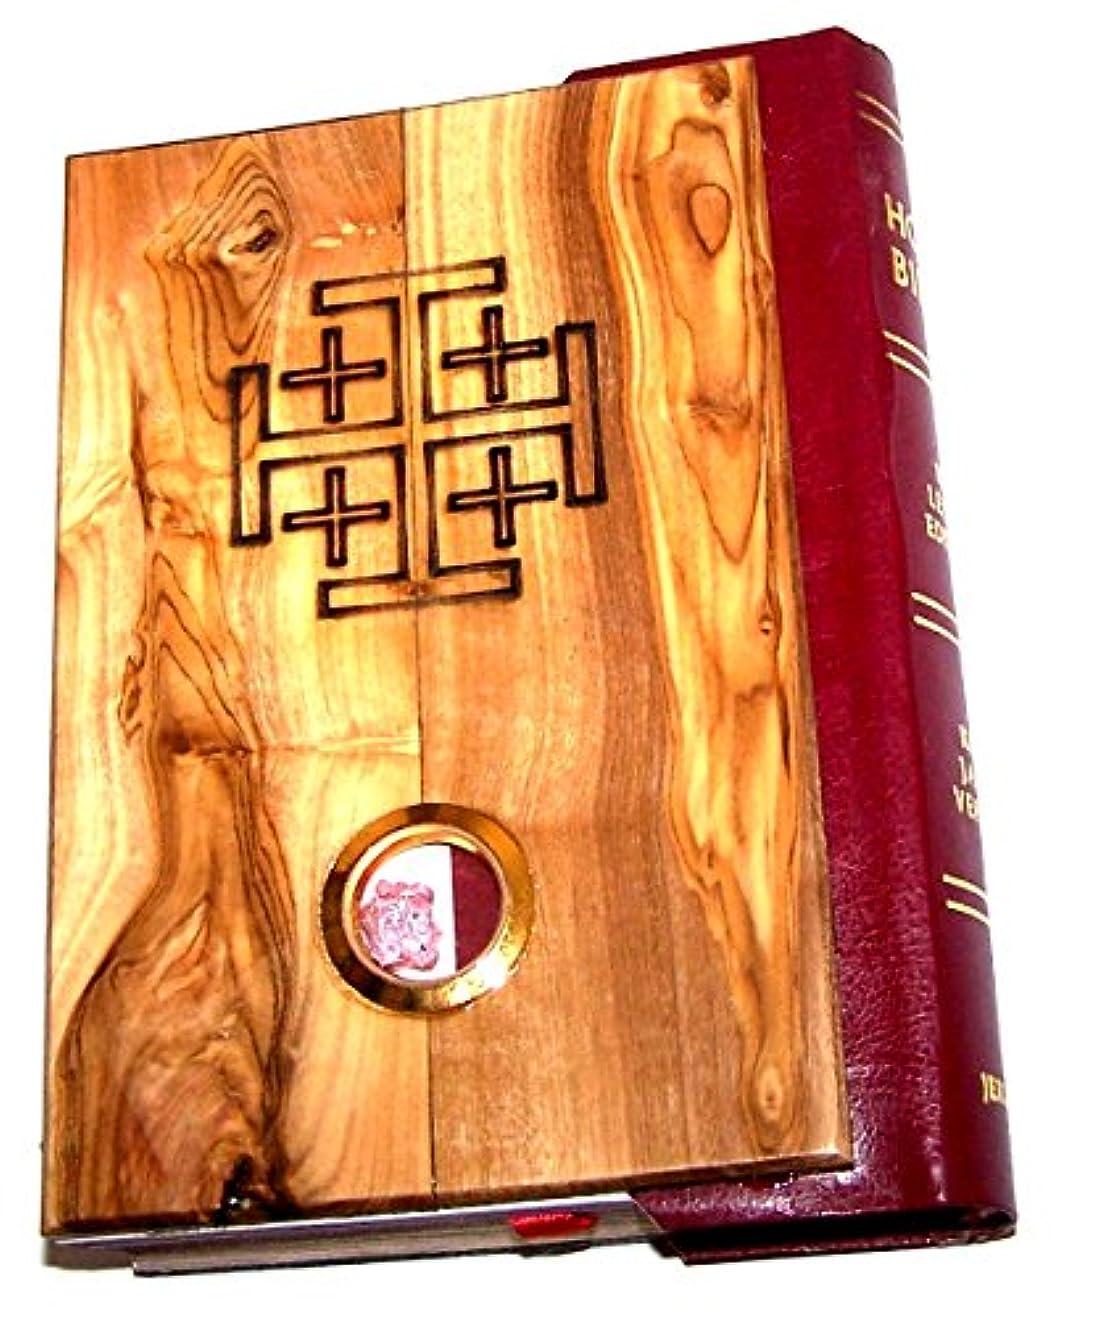 透明にダイジェスト正当化するOlive Wood Millennium Bible With ' Incense ' ~記念すべきKing James Version of the Old and the New Testament